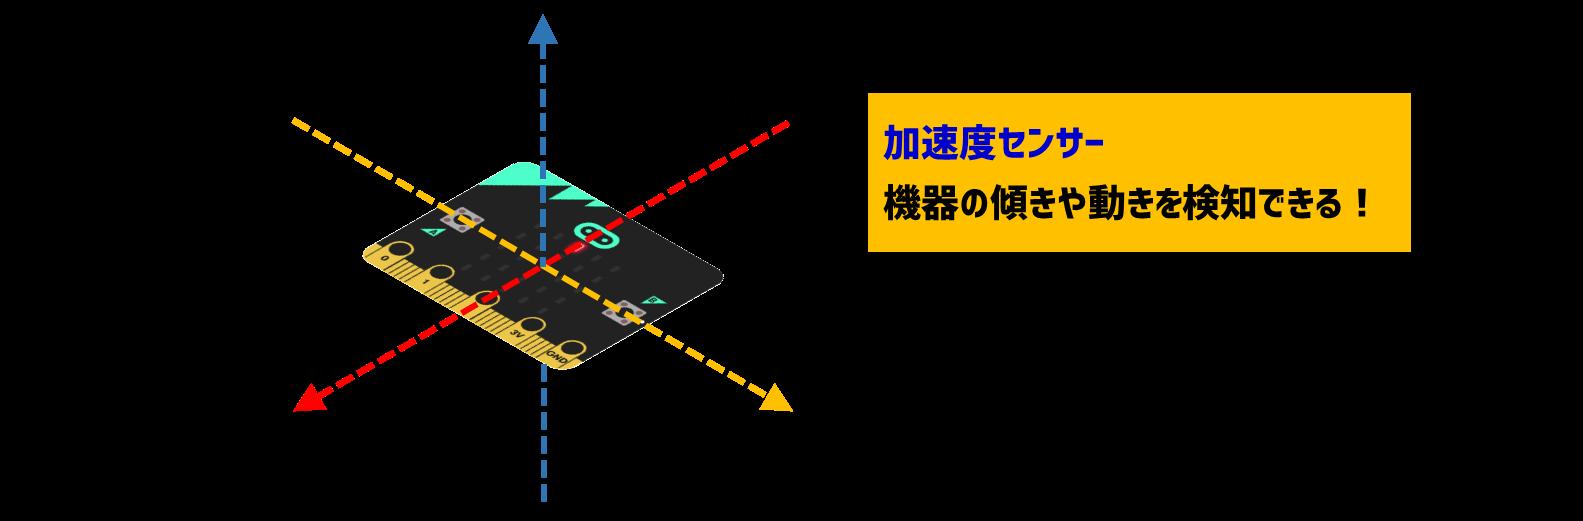 加速度センサー